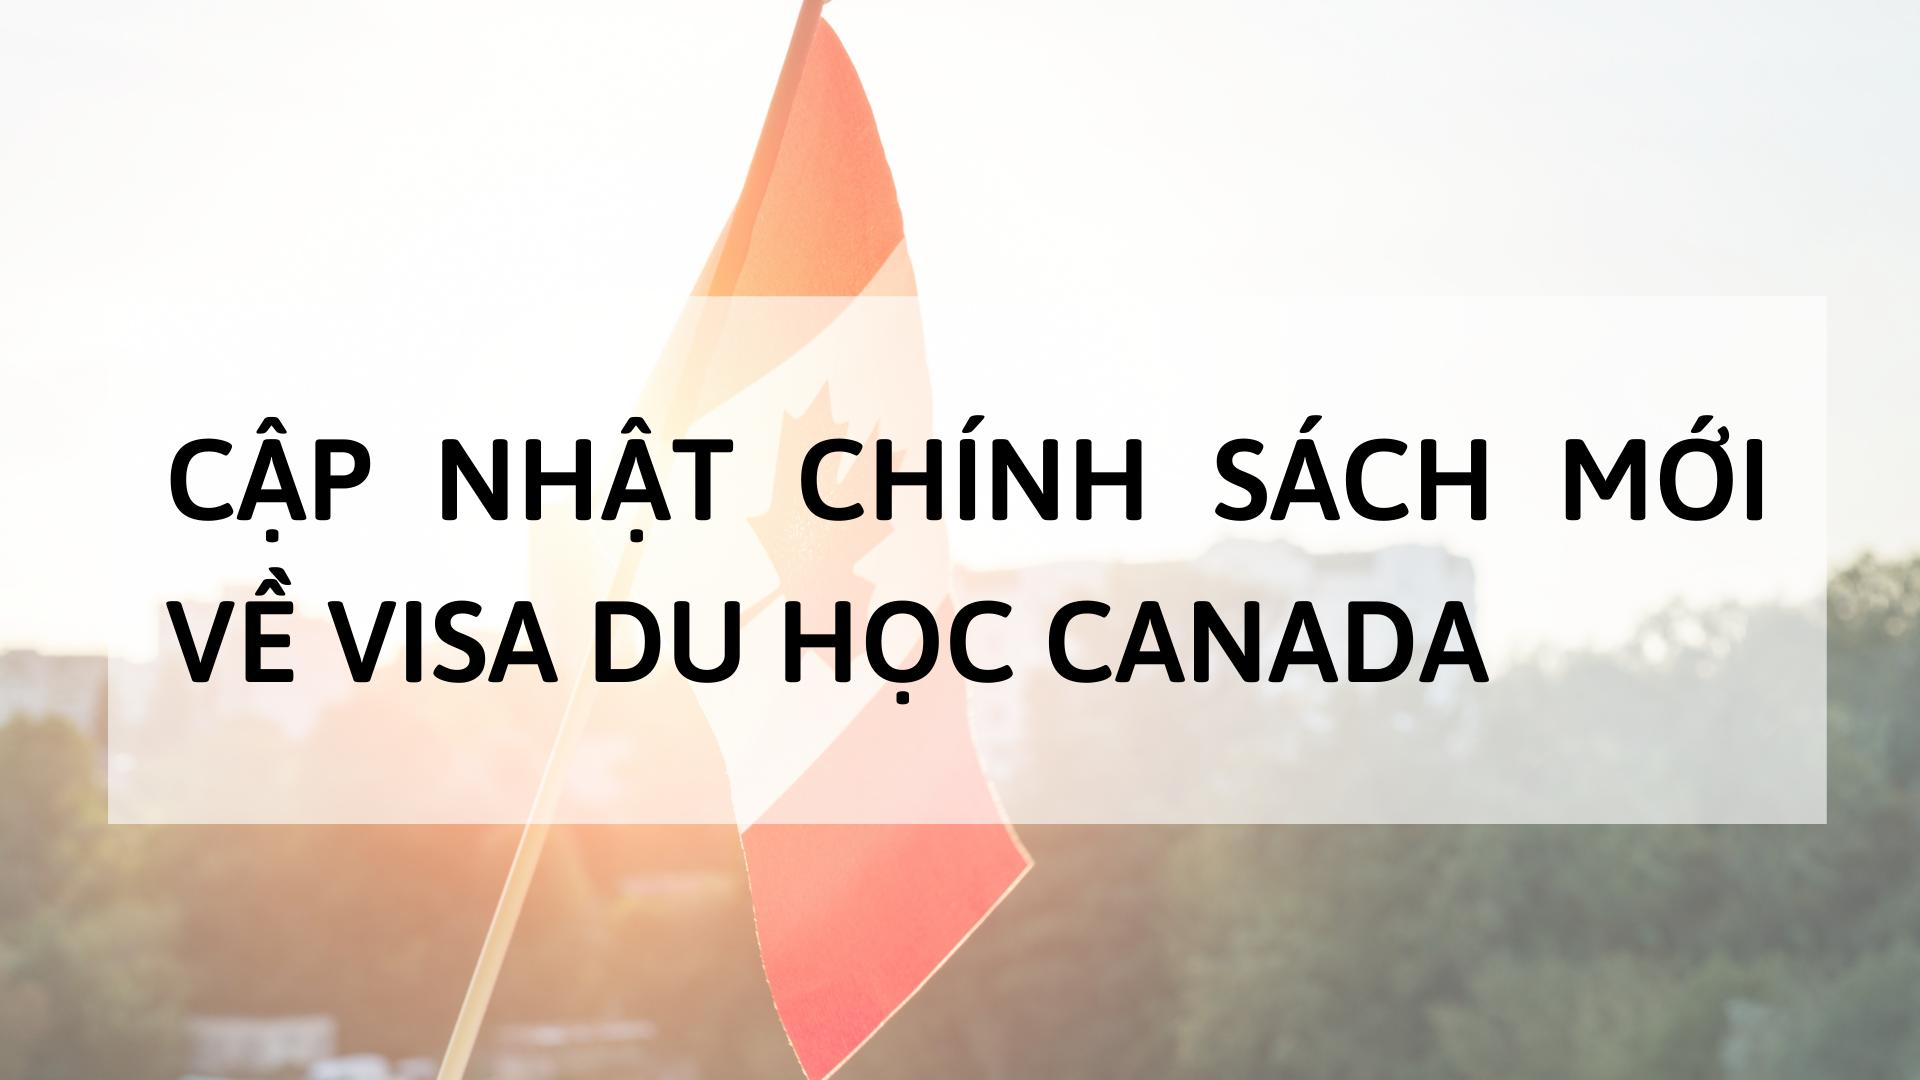 Cập nhật chính sách mới về visa du học Canada